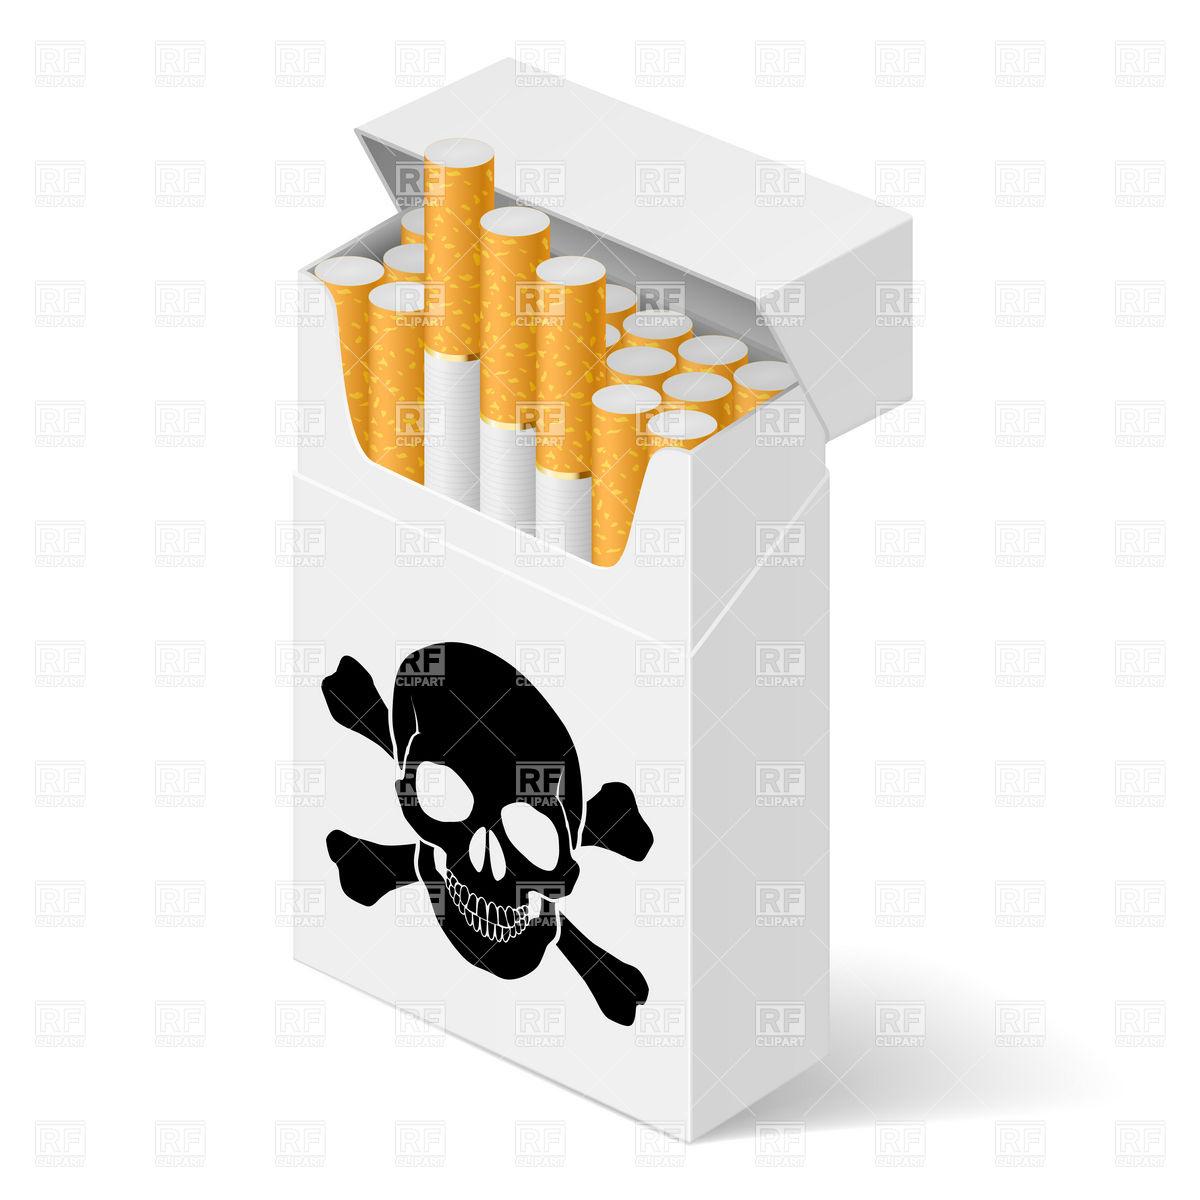 Marlboro Cigarette Clipart.